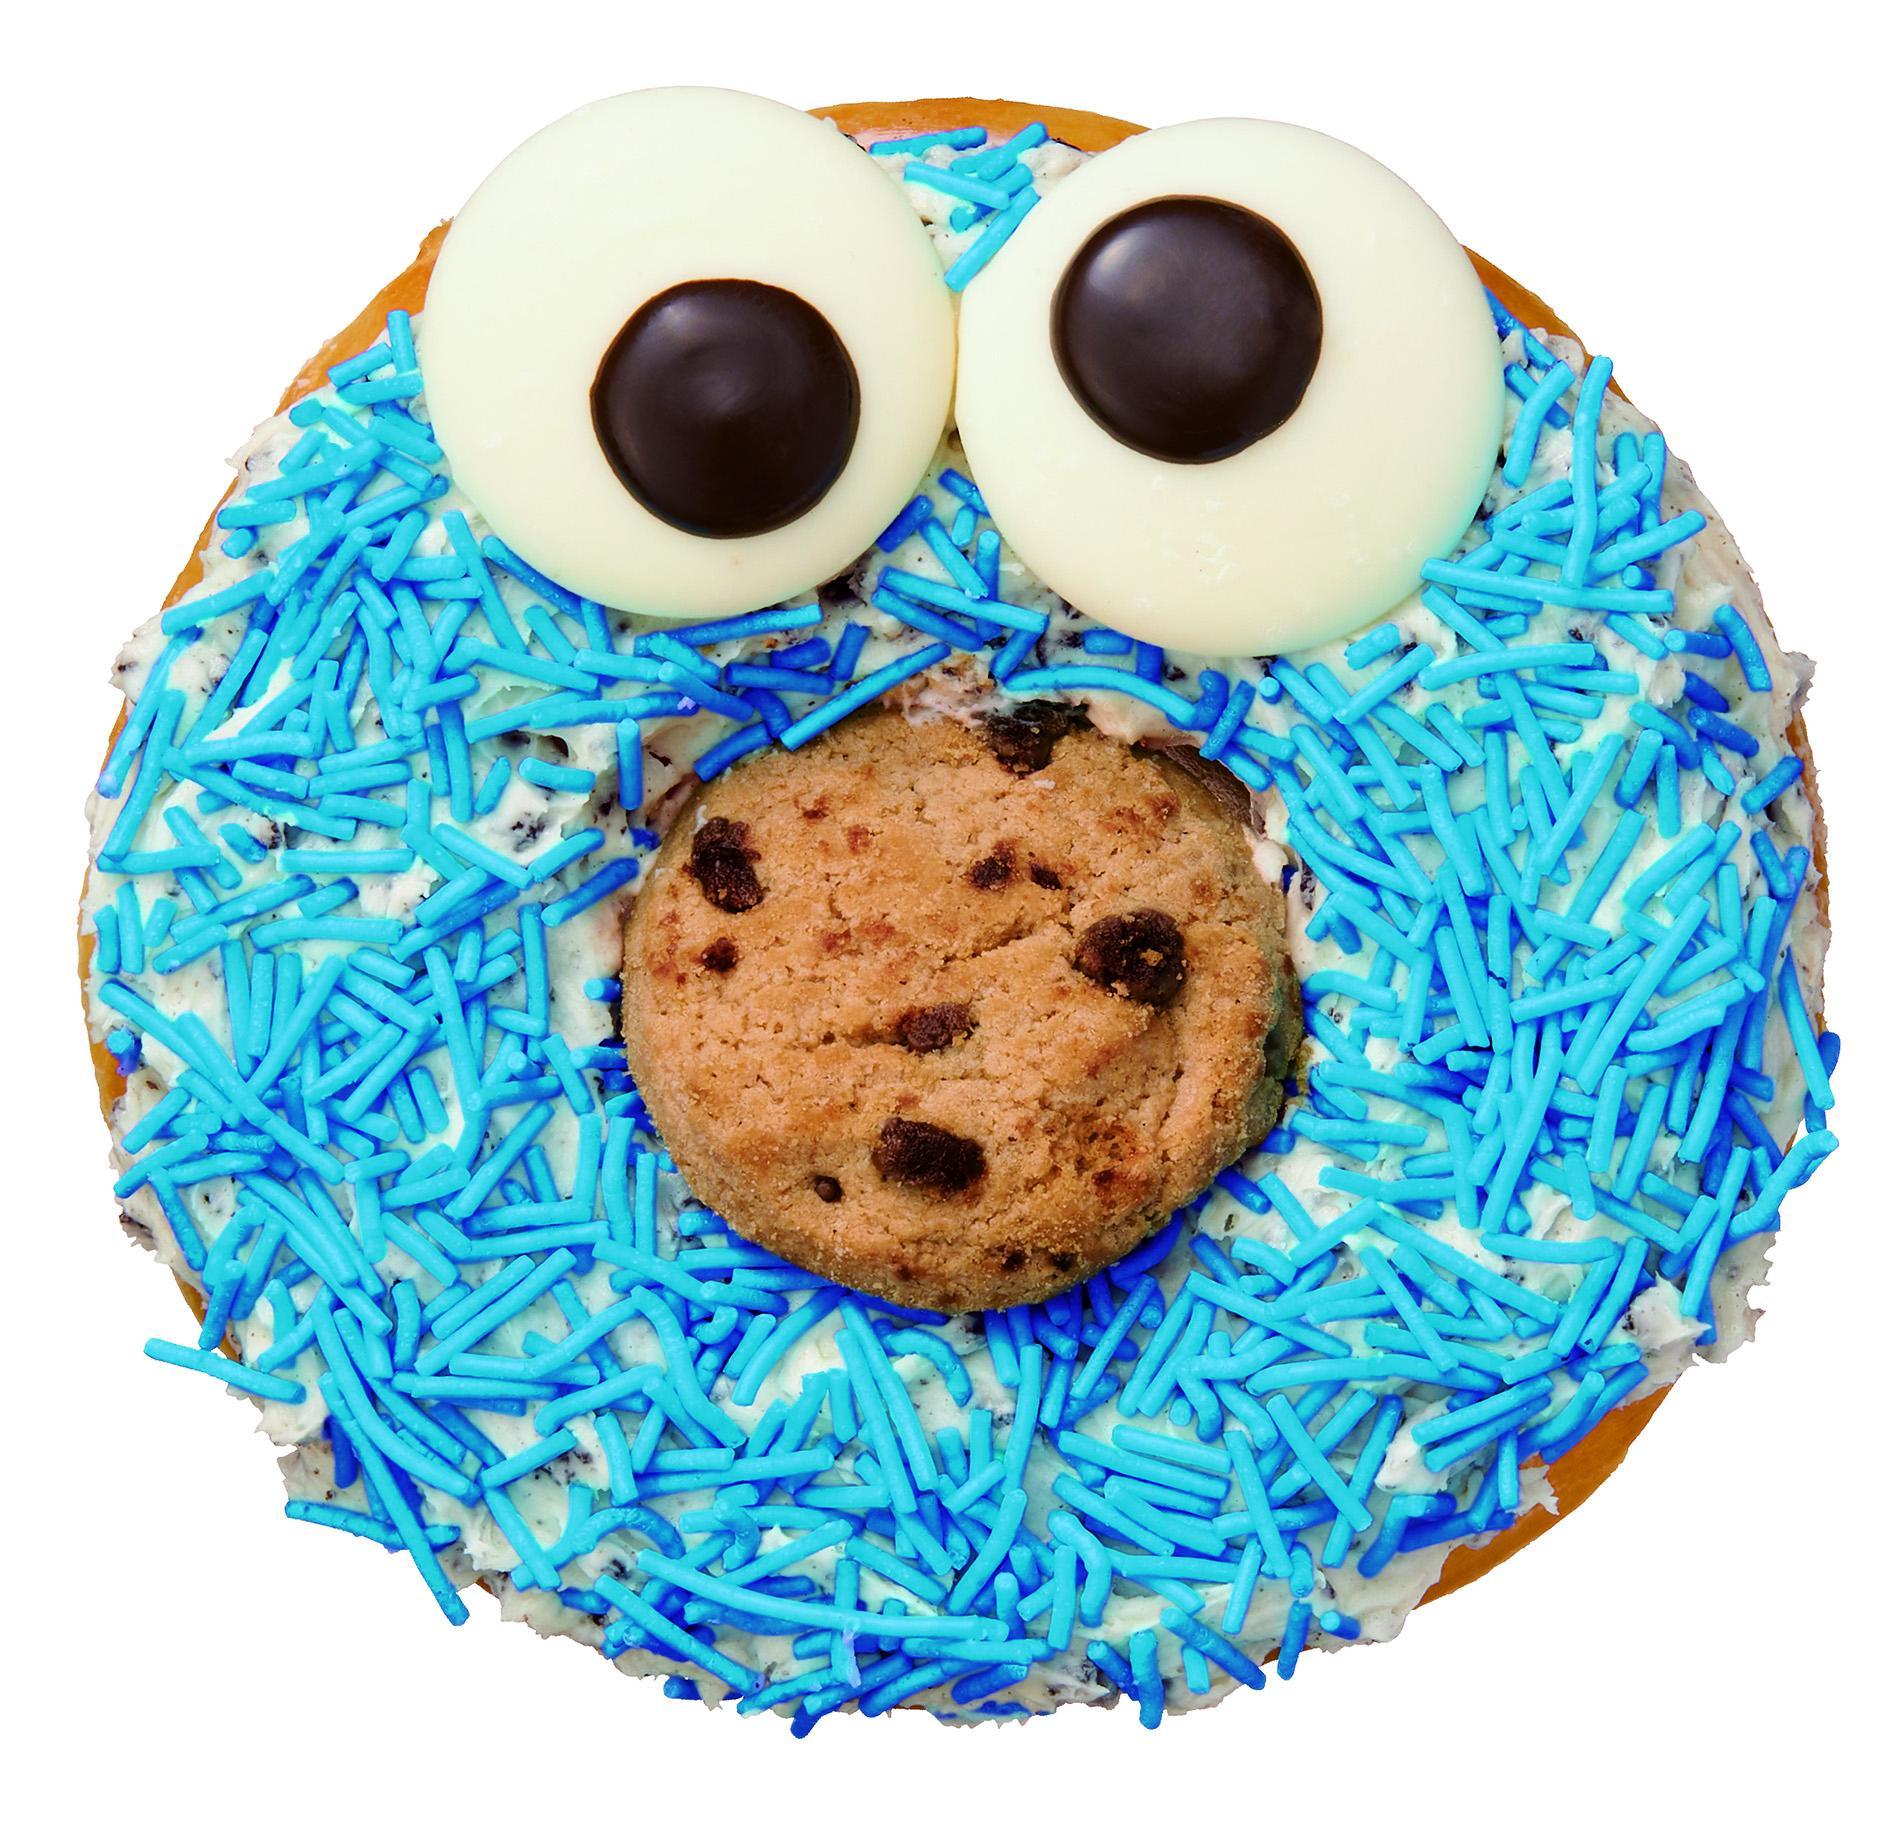 エルモやクッキーモンスターがドーナツに!!  『クリスピー・クリーム・ドーナツ』と『セサミストリート』の限定コラボ登場☆_3